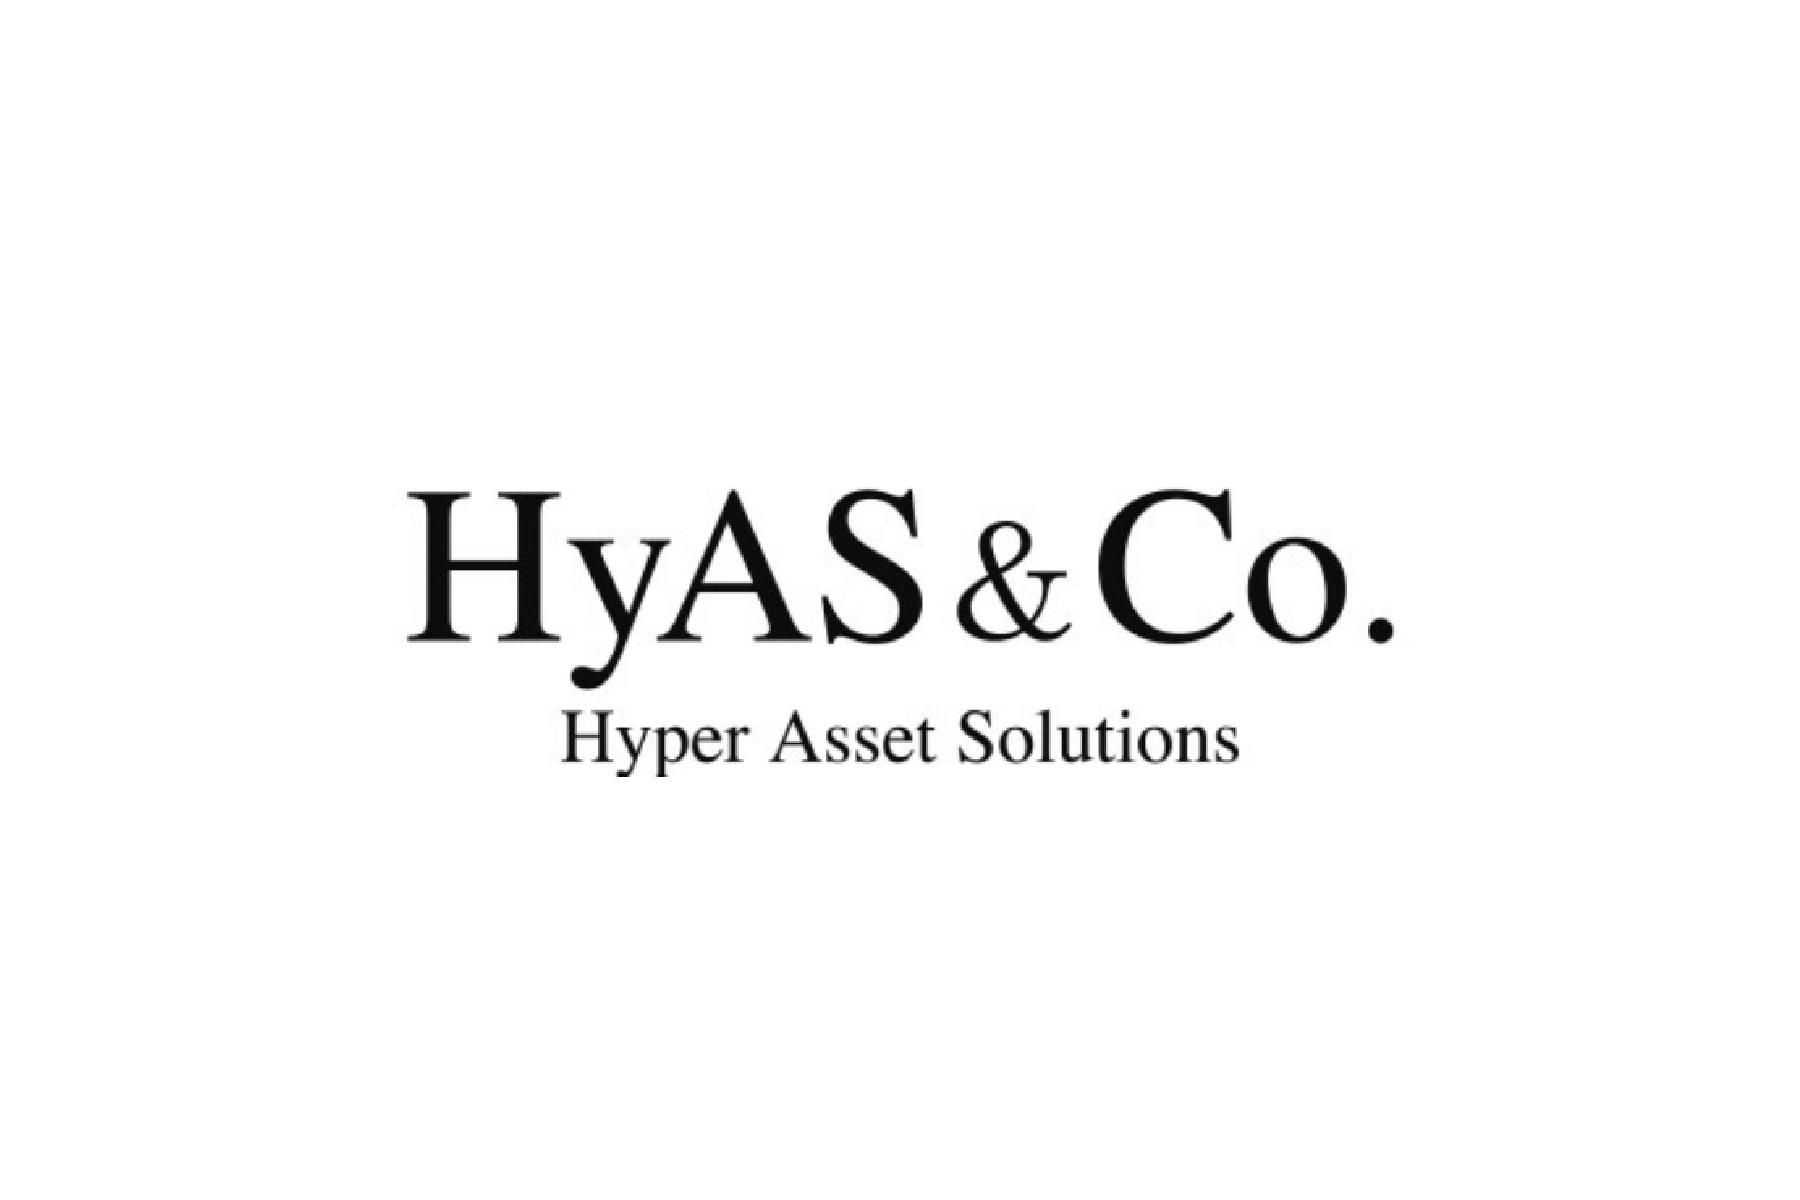 ハイアス・アンド・カンパニー×エンジョイワークス | 地方創生事業に関する協働を推進